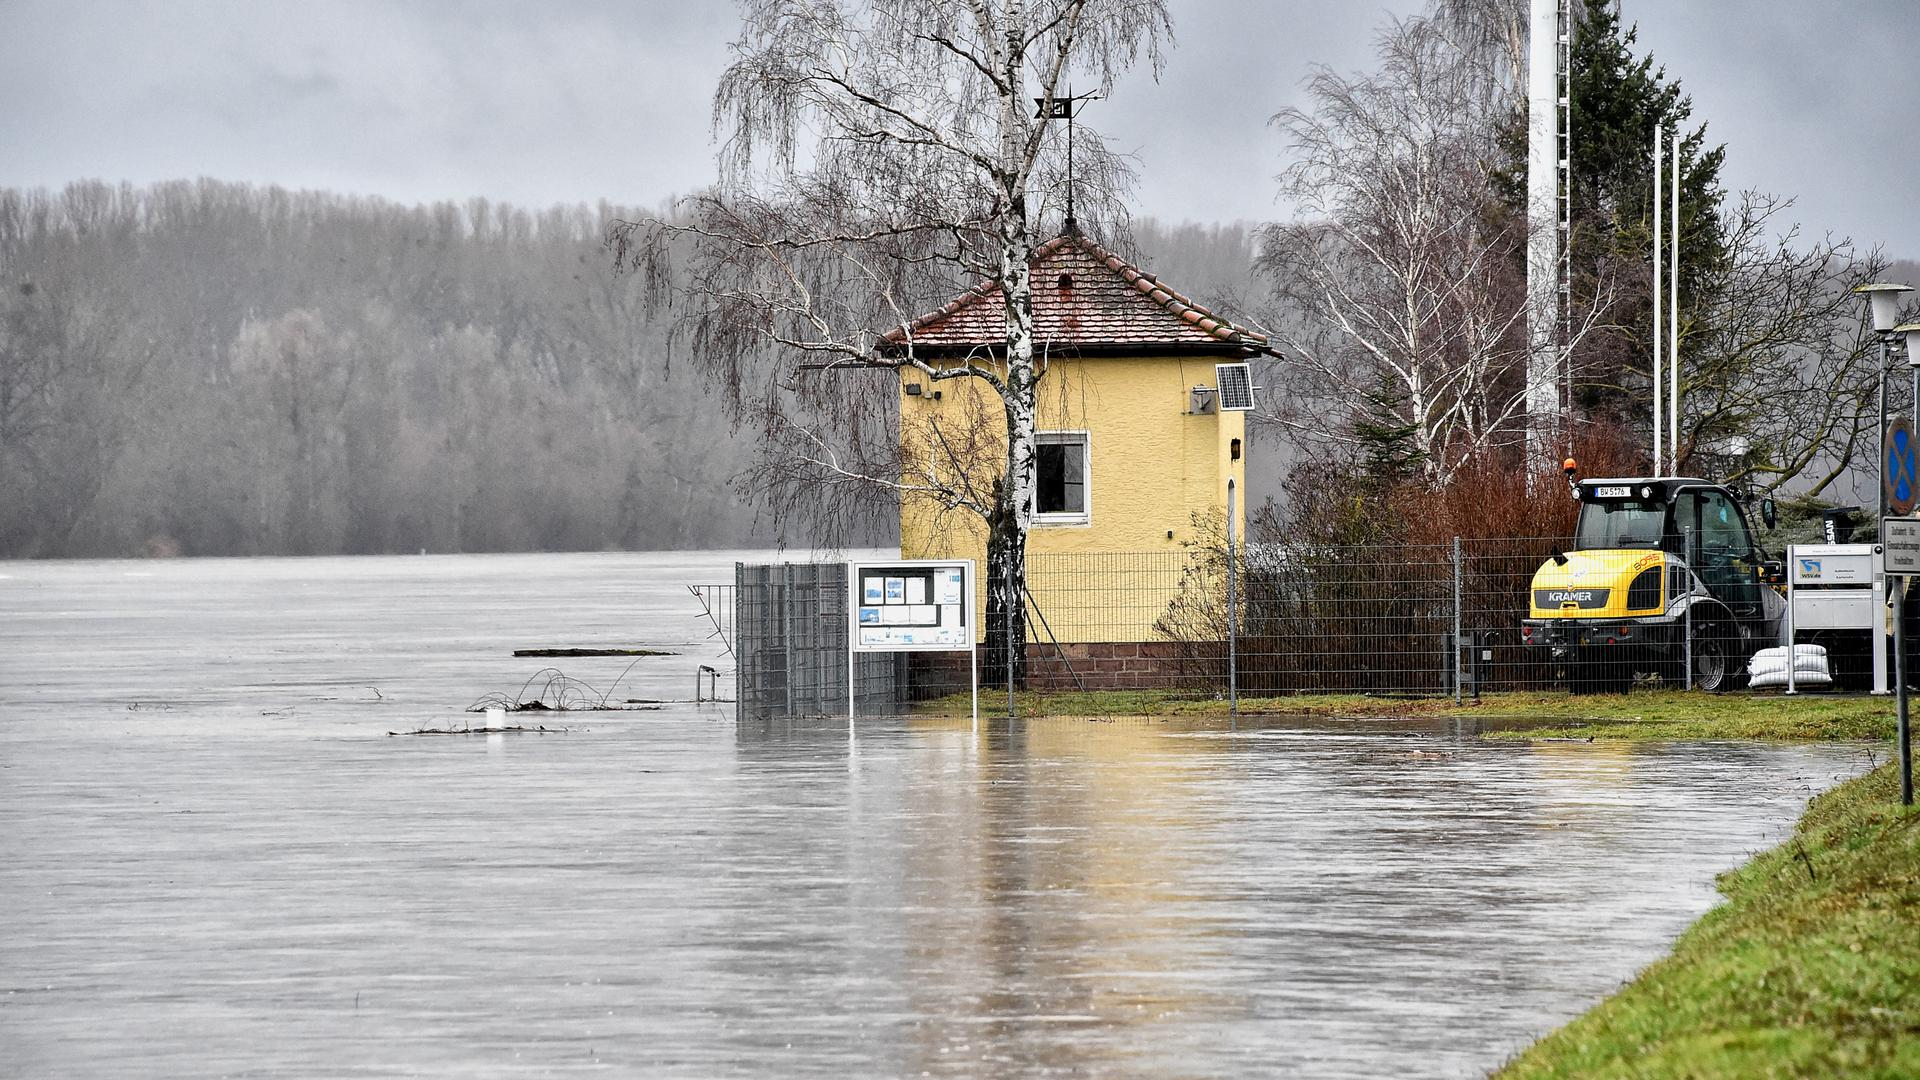 30.01.2021 Hochwasser bei der Rheinbrücke Maxau